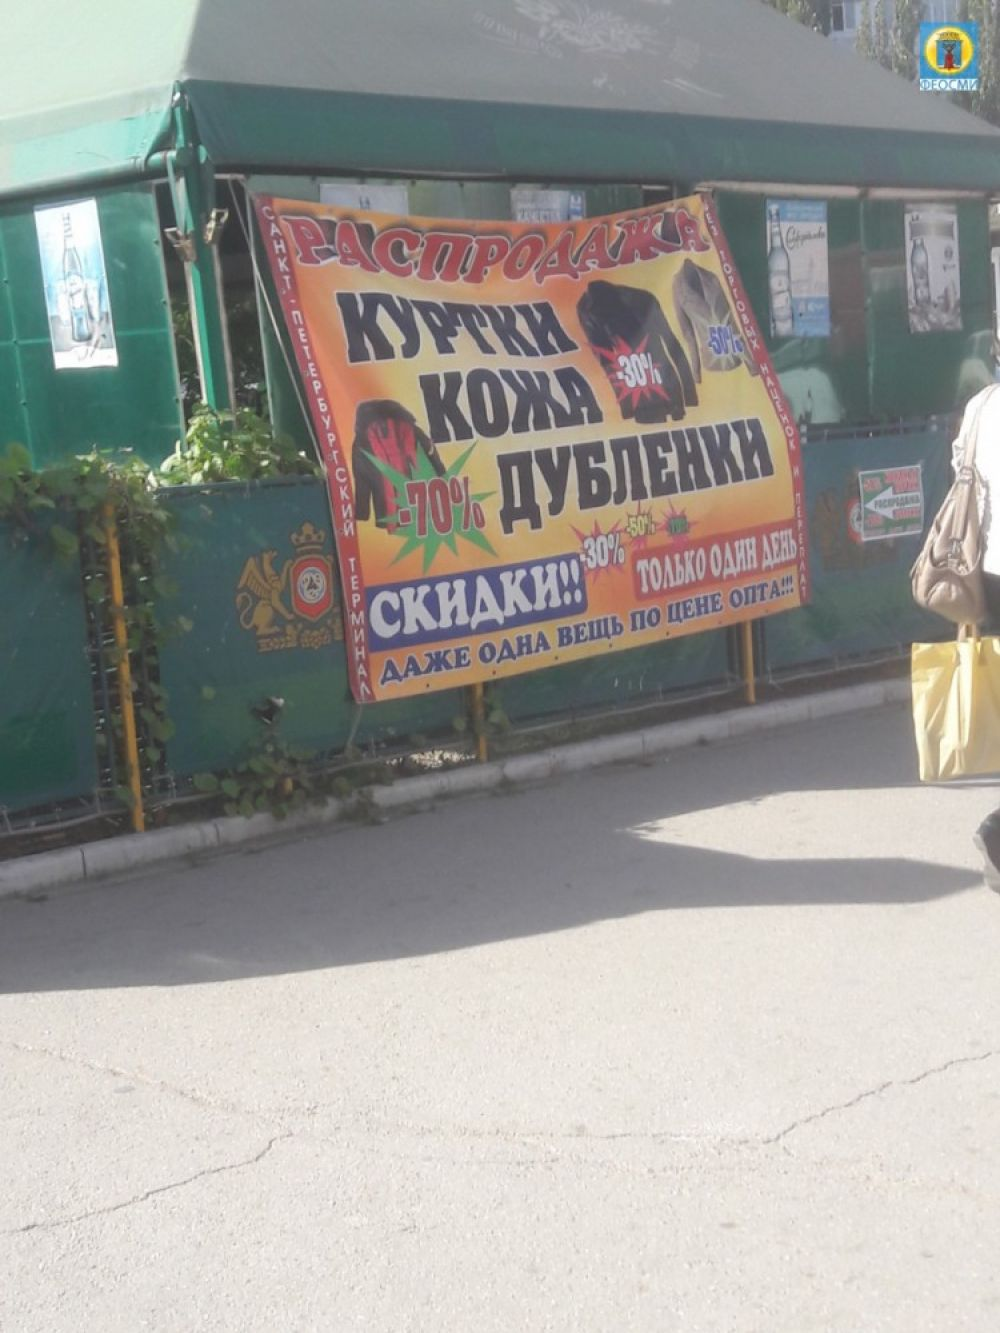 Распродажа сорвалась: в Феодосии вопиющая реклама привлекла не покупателей, а мунконтроль